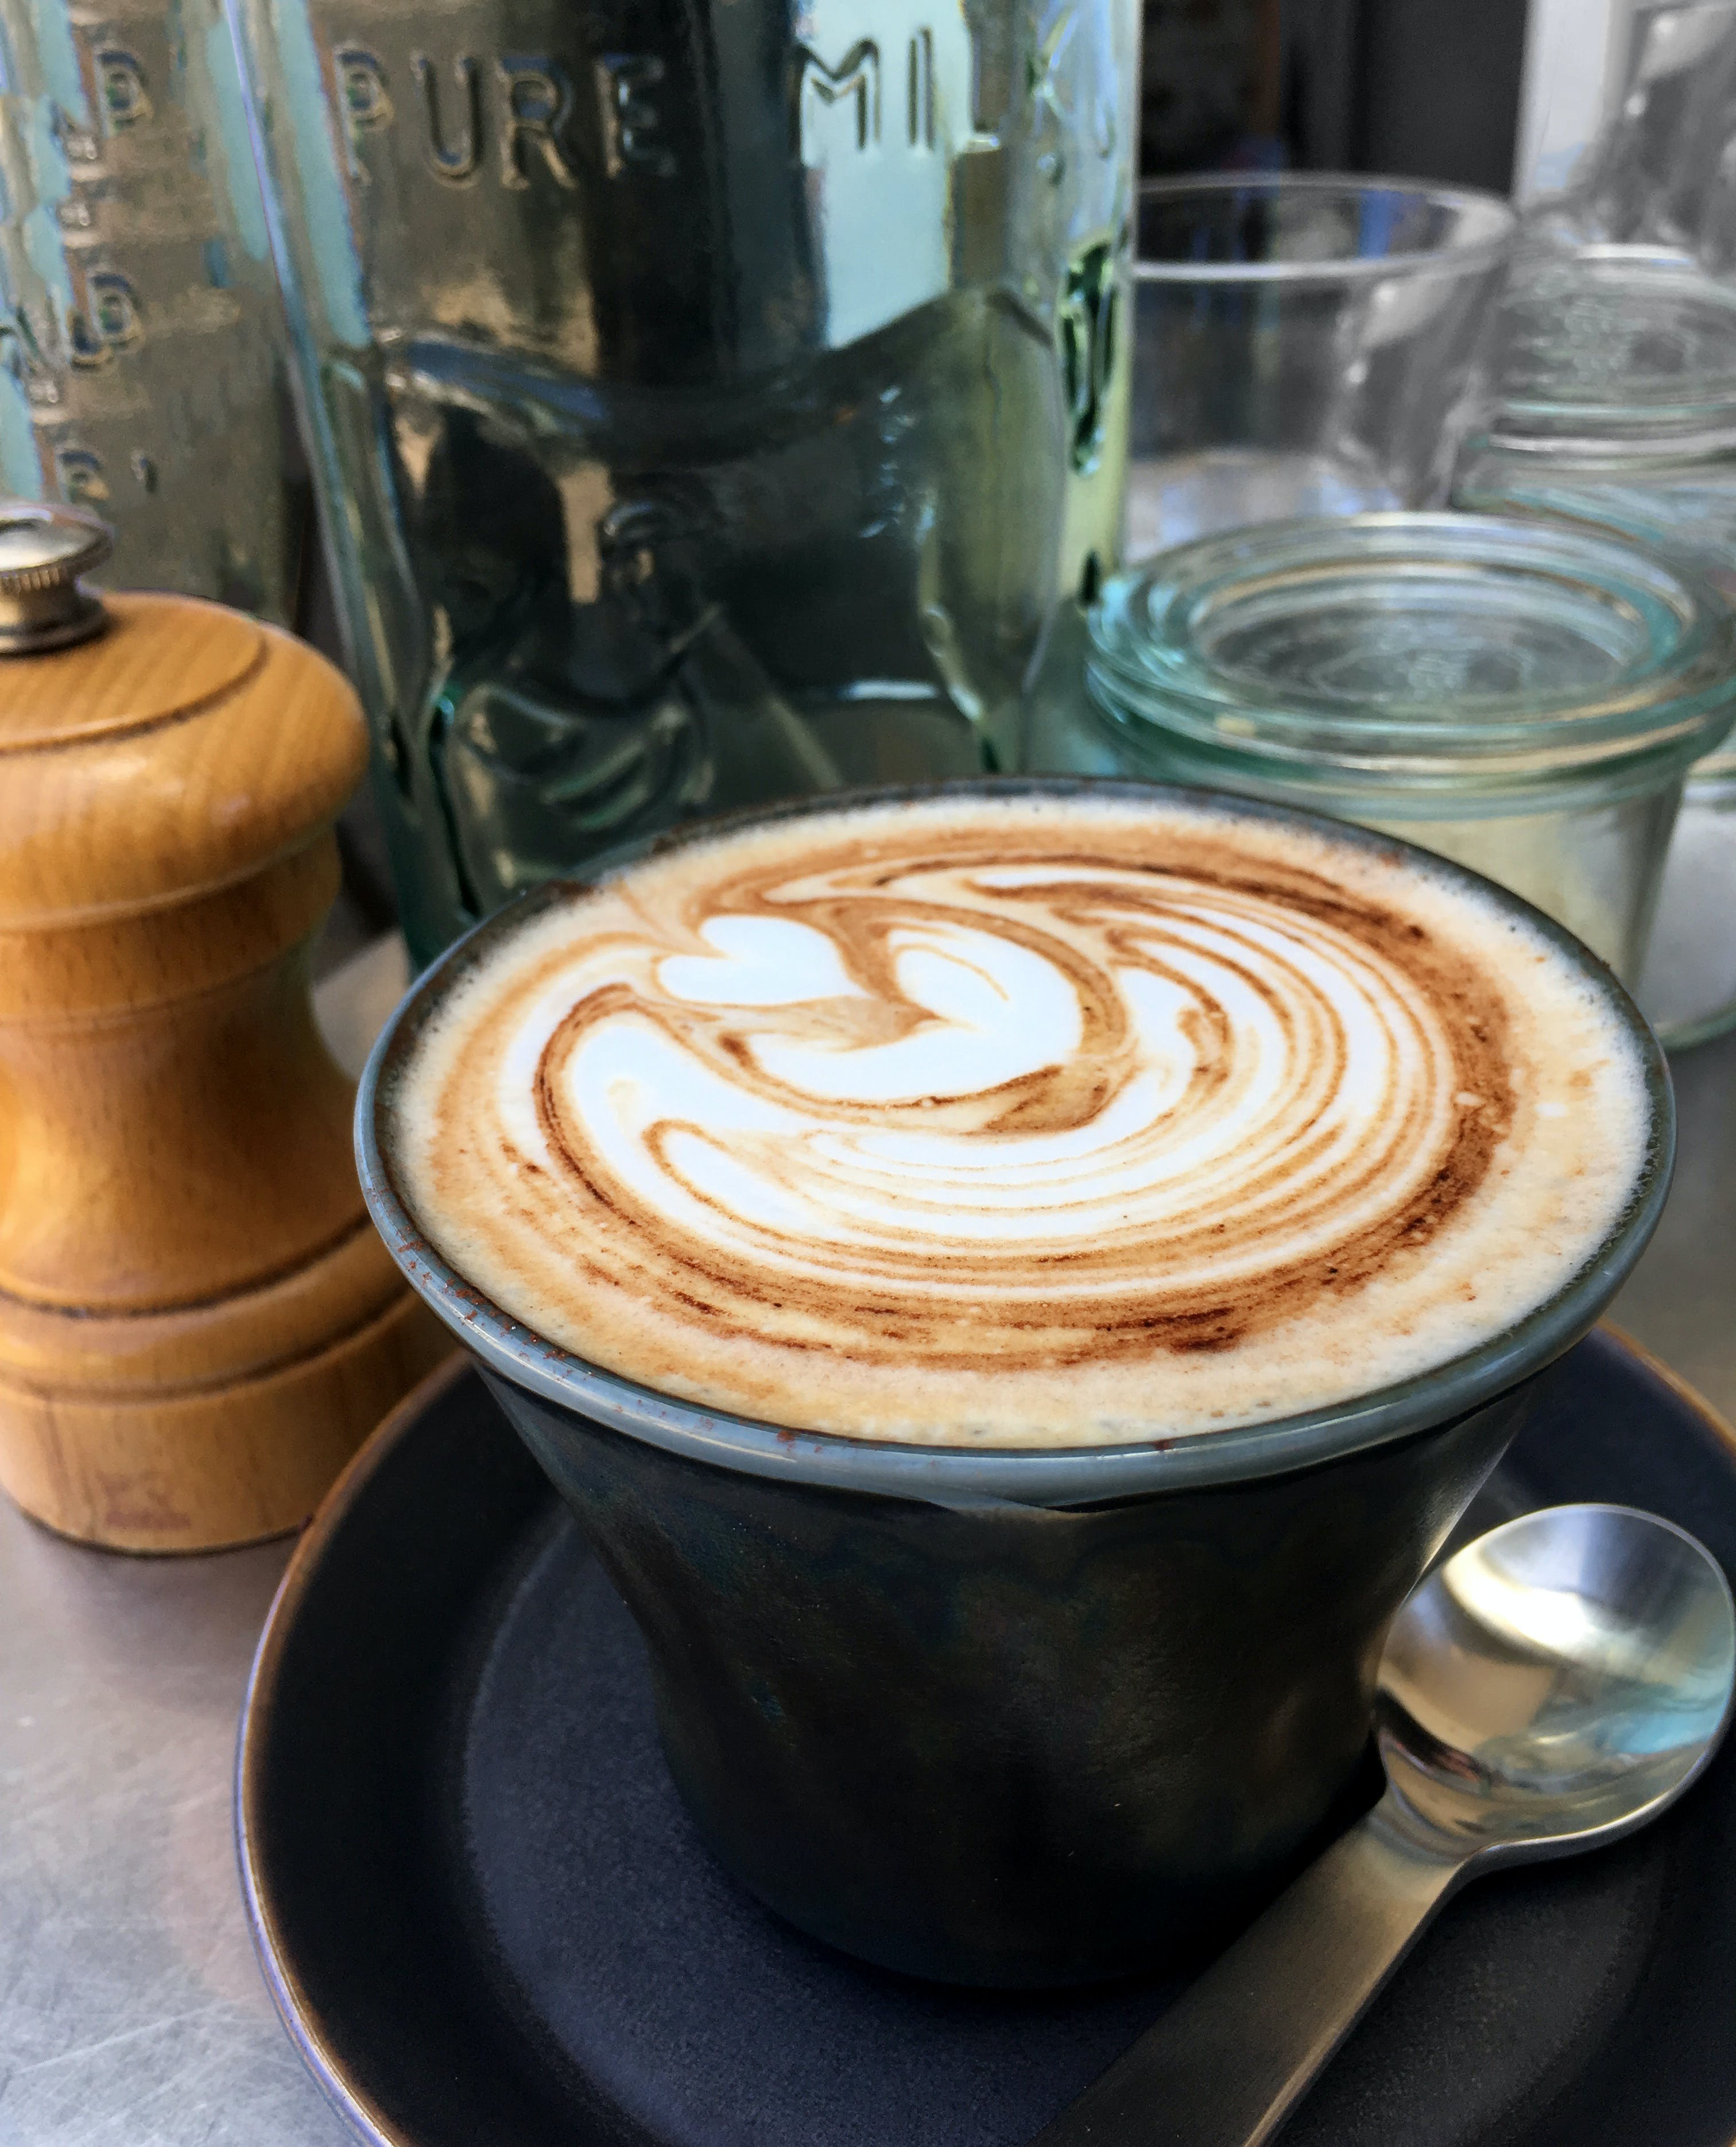 一杯咖啡, 卡布奇諾, 卡布奇諾餐桌, 咖啡 的 免費圖庫相片